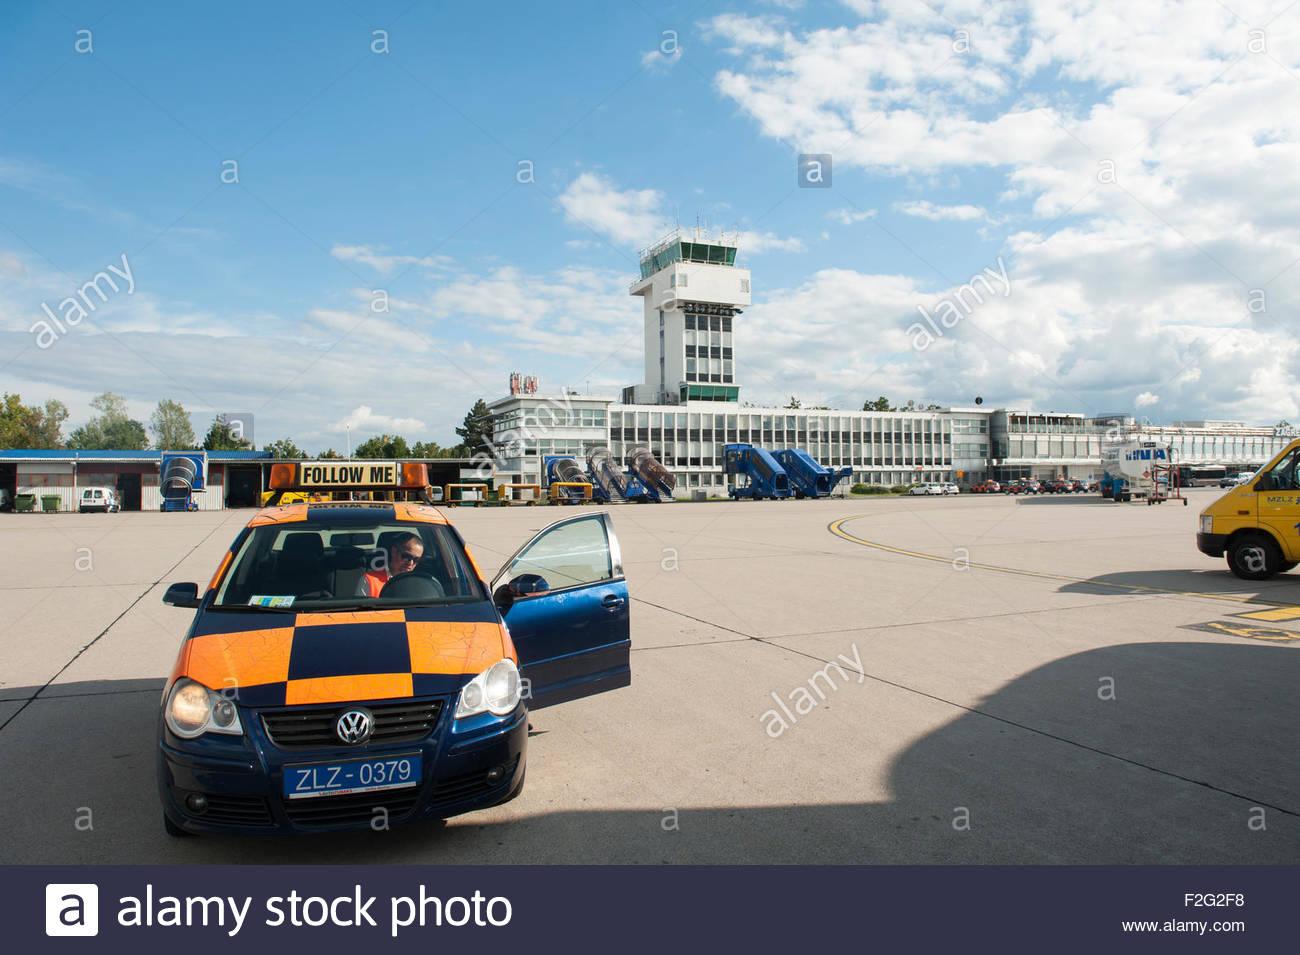 Zagabria Croazia Zagabria aeroporto di Pleso. Follow me auto. Immagini Stock